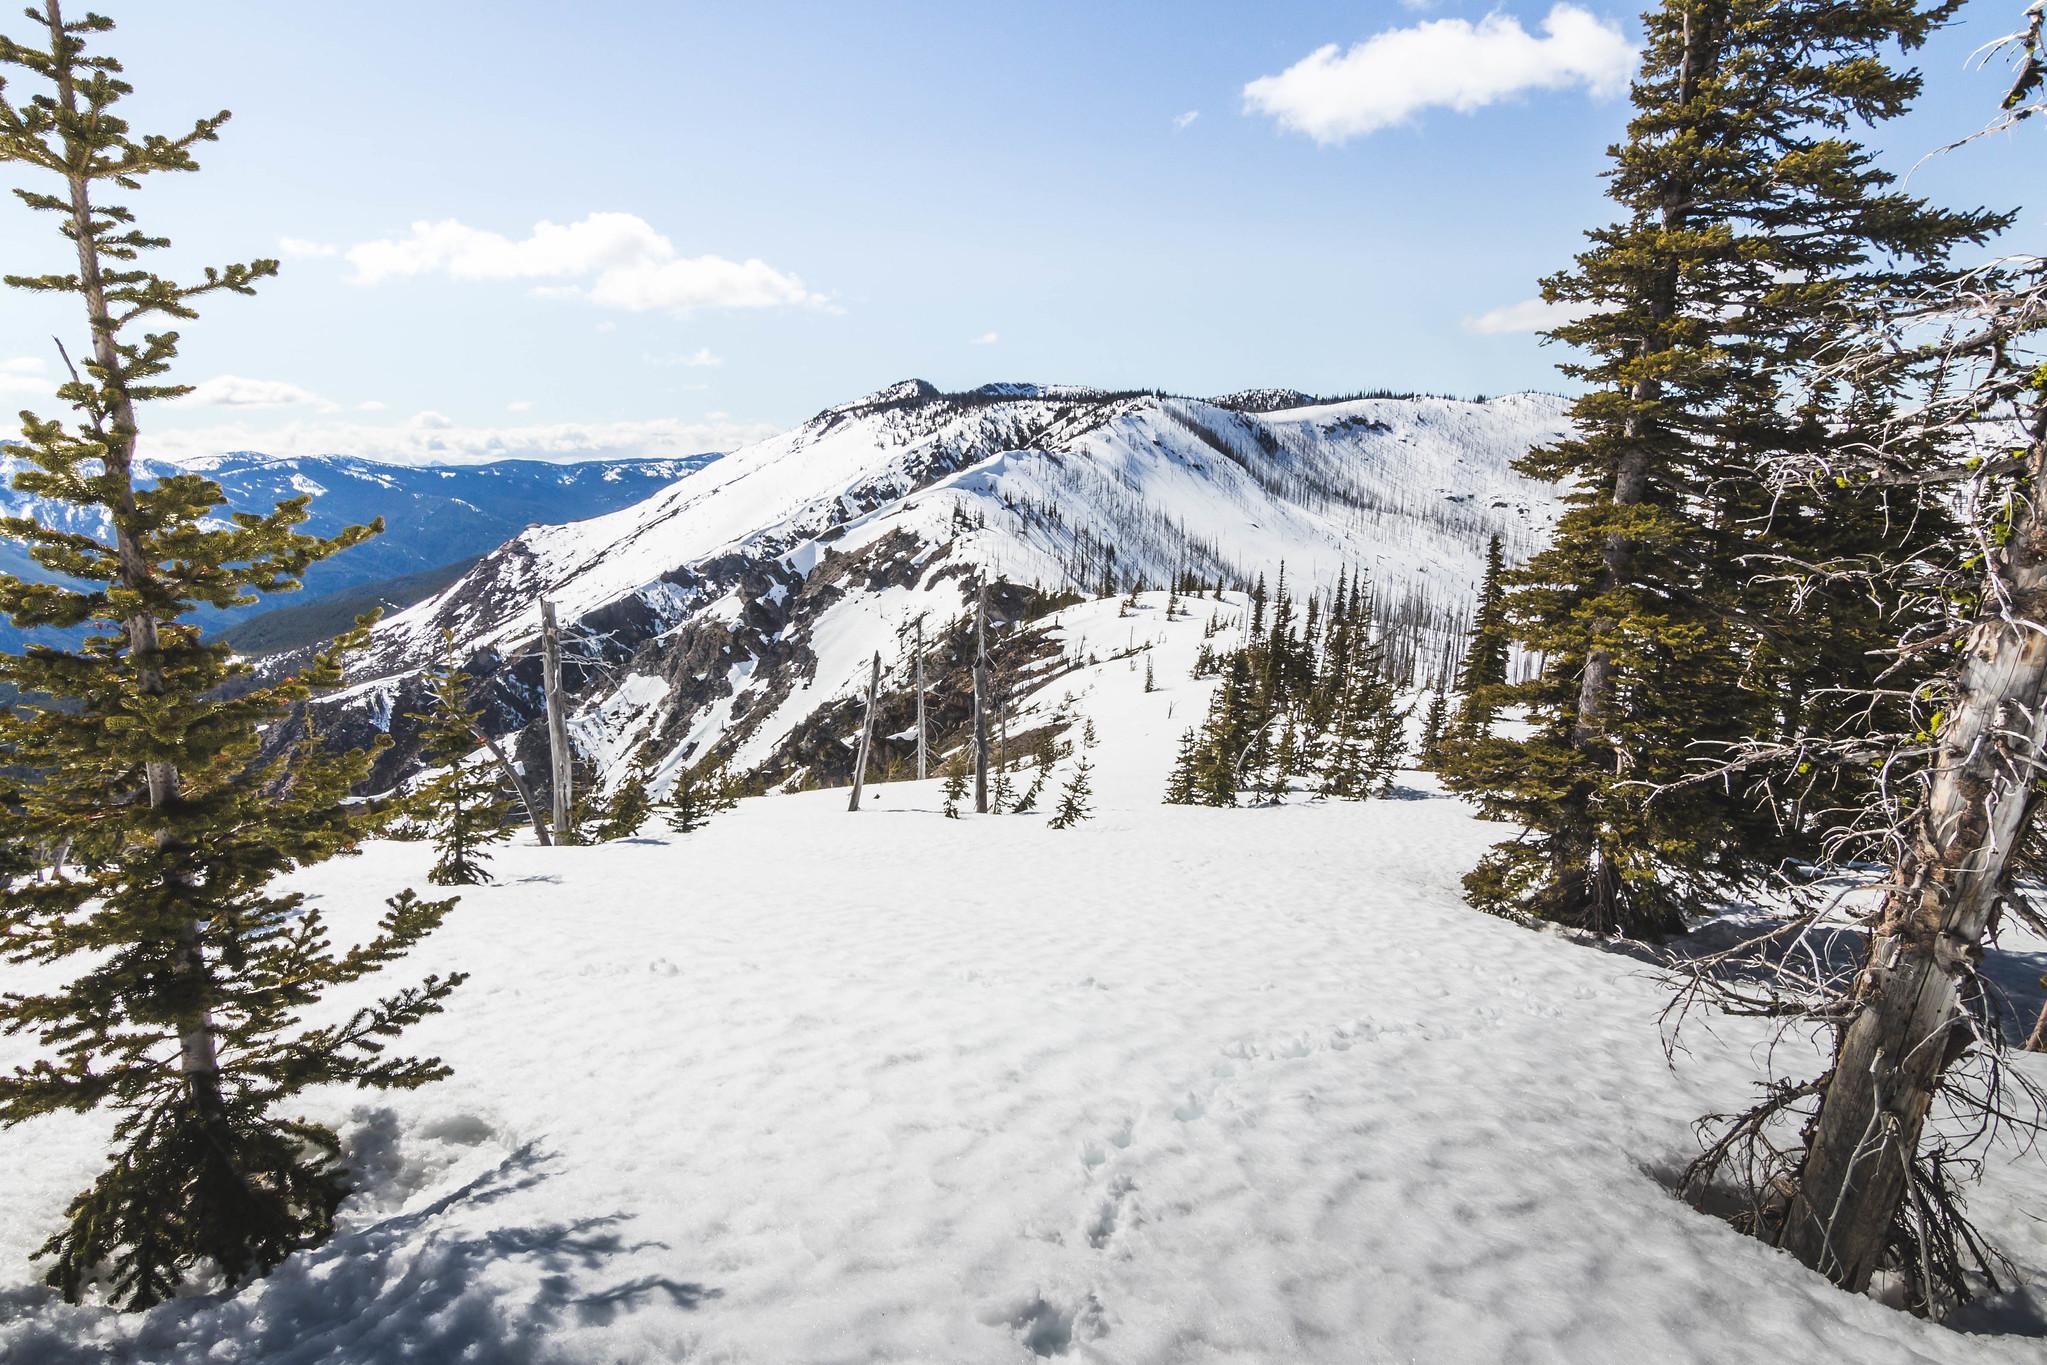 Next Stop, Angle Peak